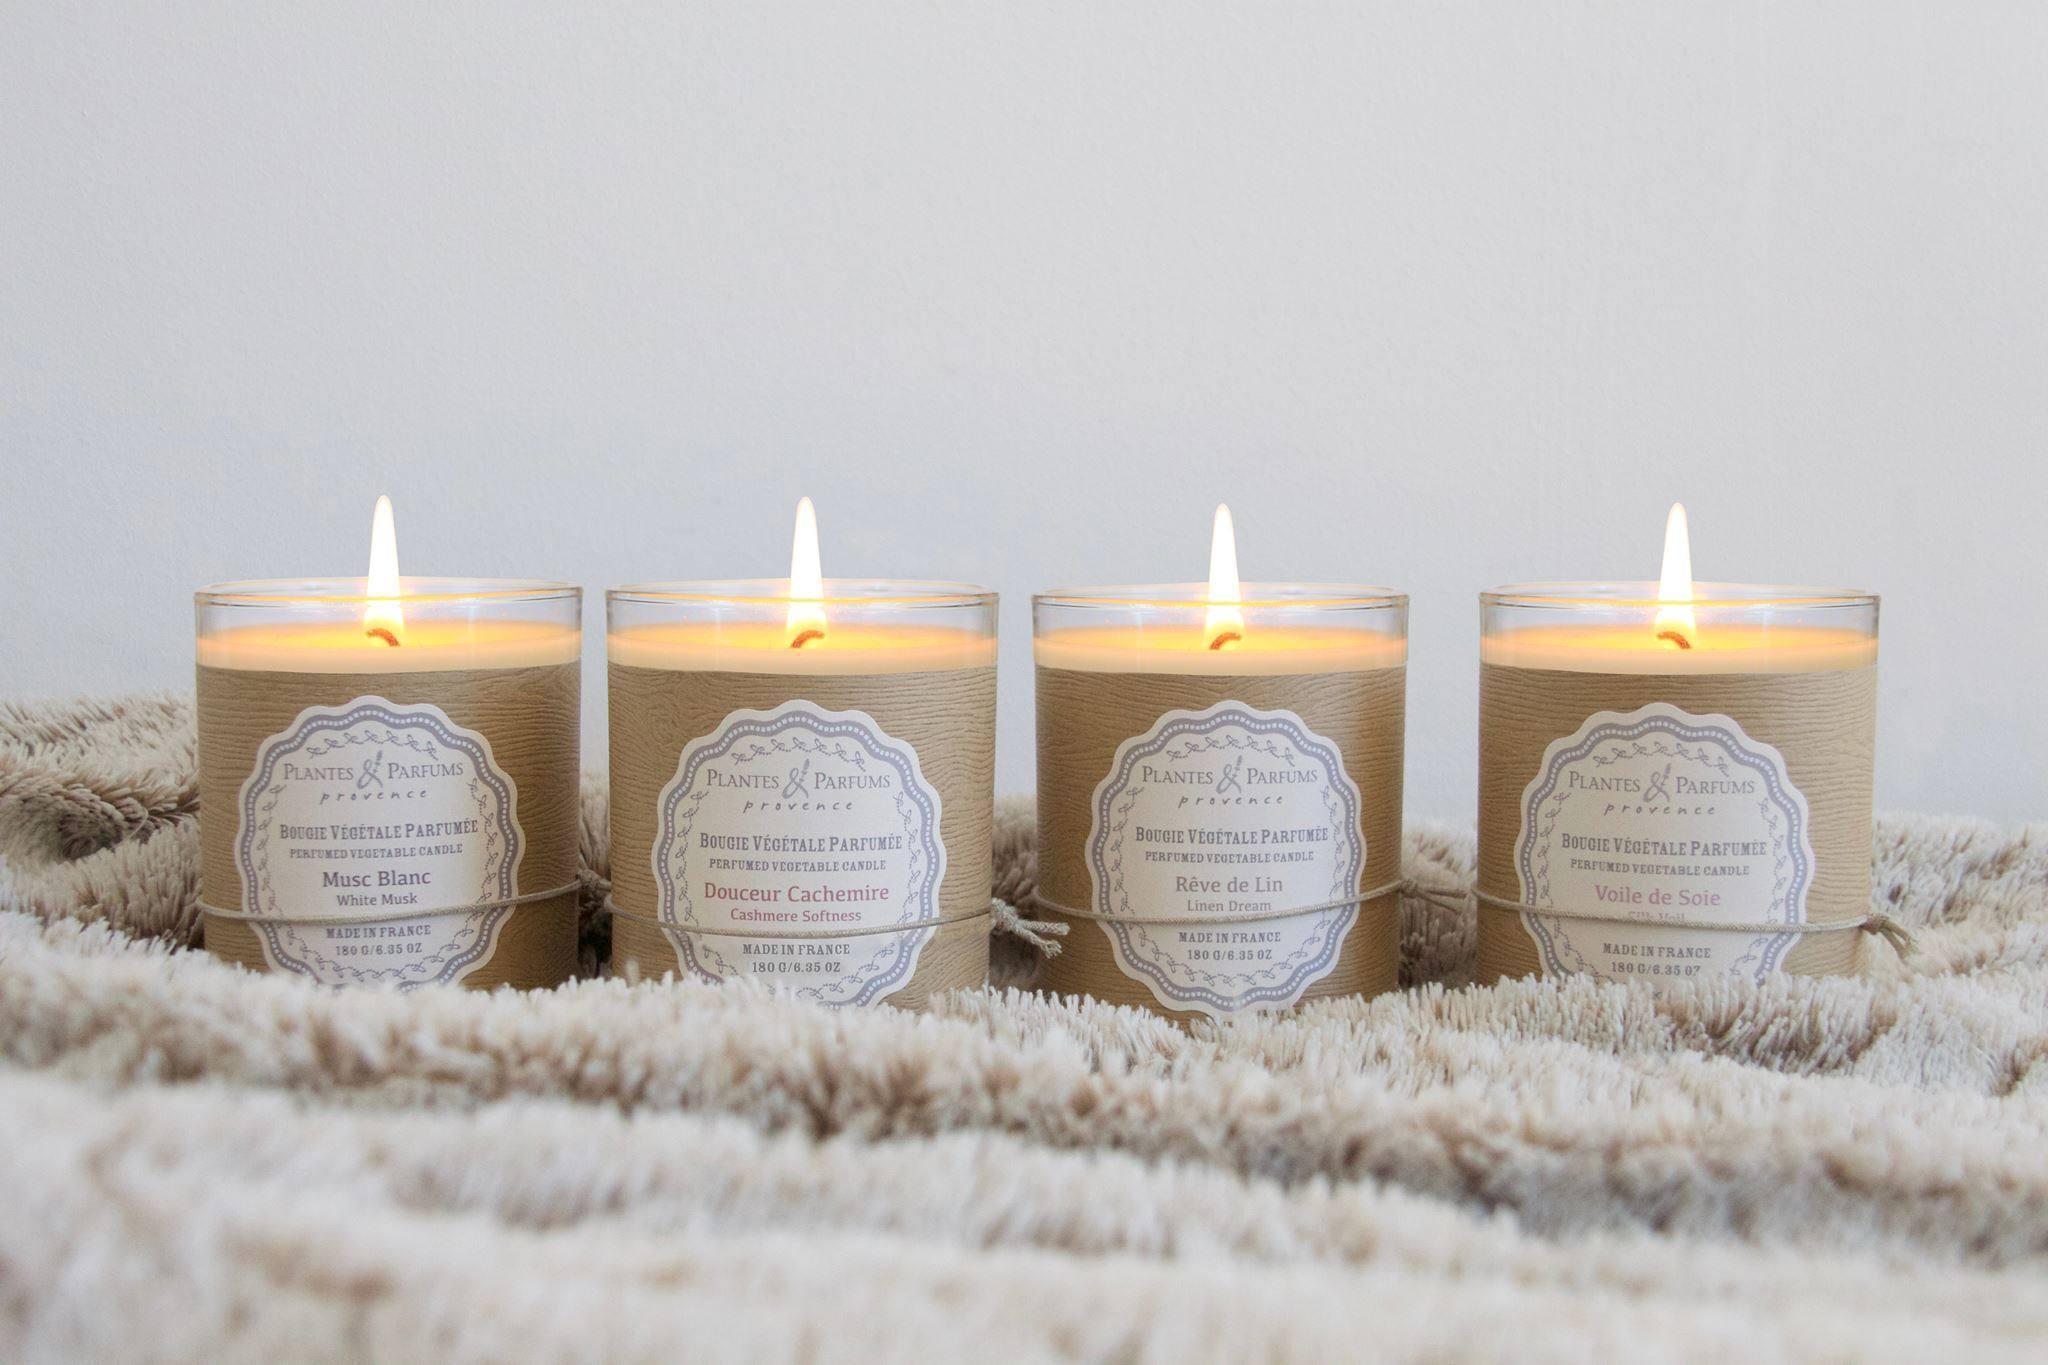 comment utiliser une bougie parfum e plantes et parfums. Black Bedroom Furniture Sets. Home Design Ideas